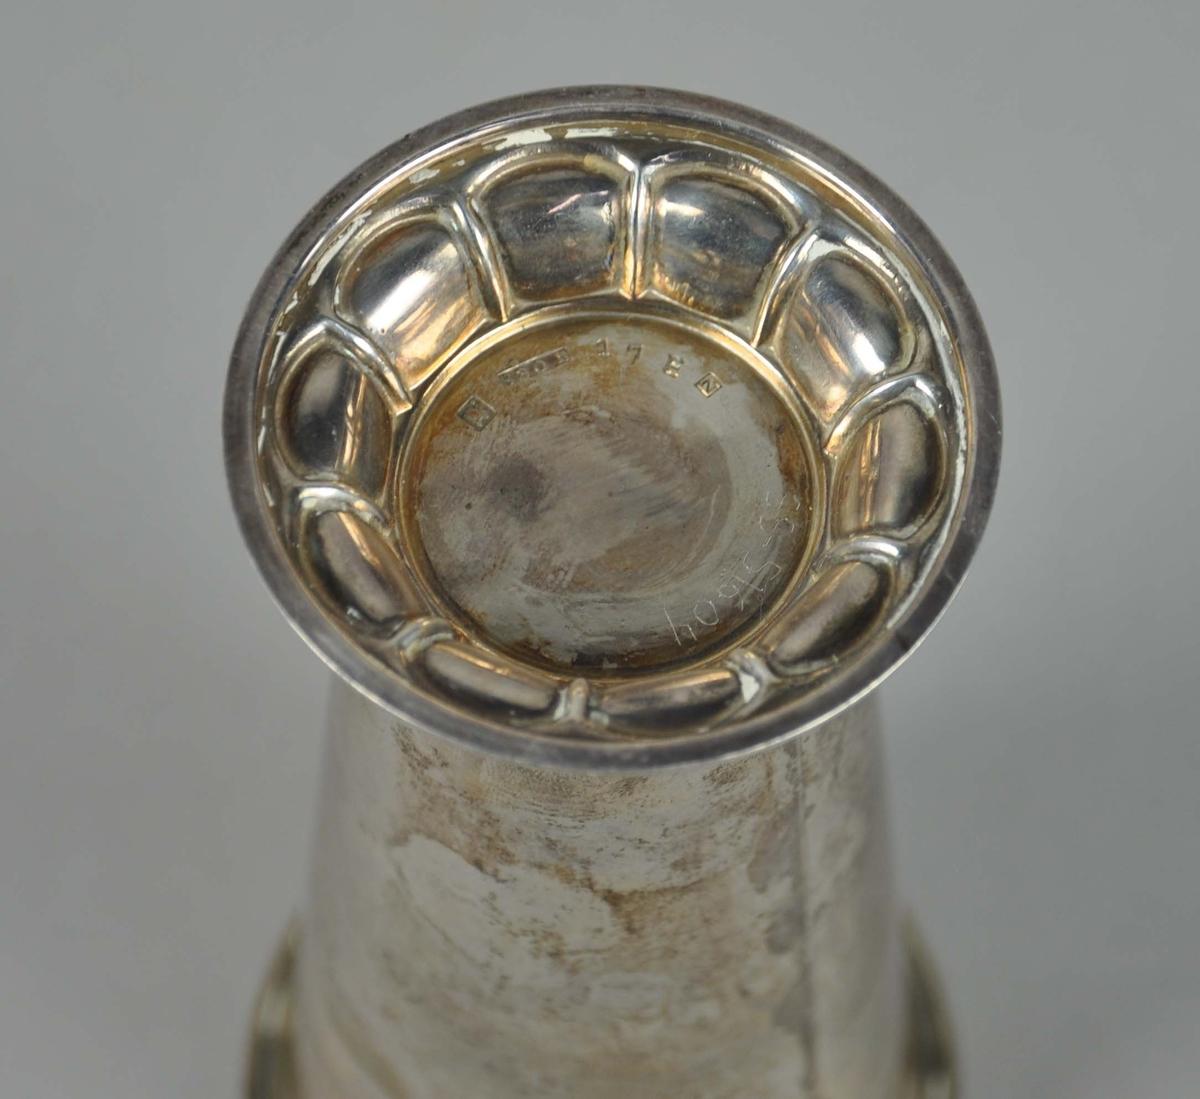 Sylinderformet pokal av sølv, på stett. Stetten har dekor av perlerad.